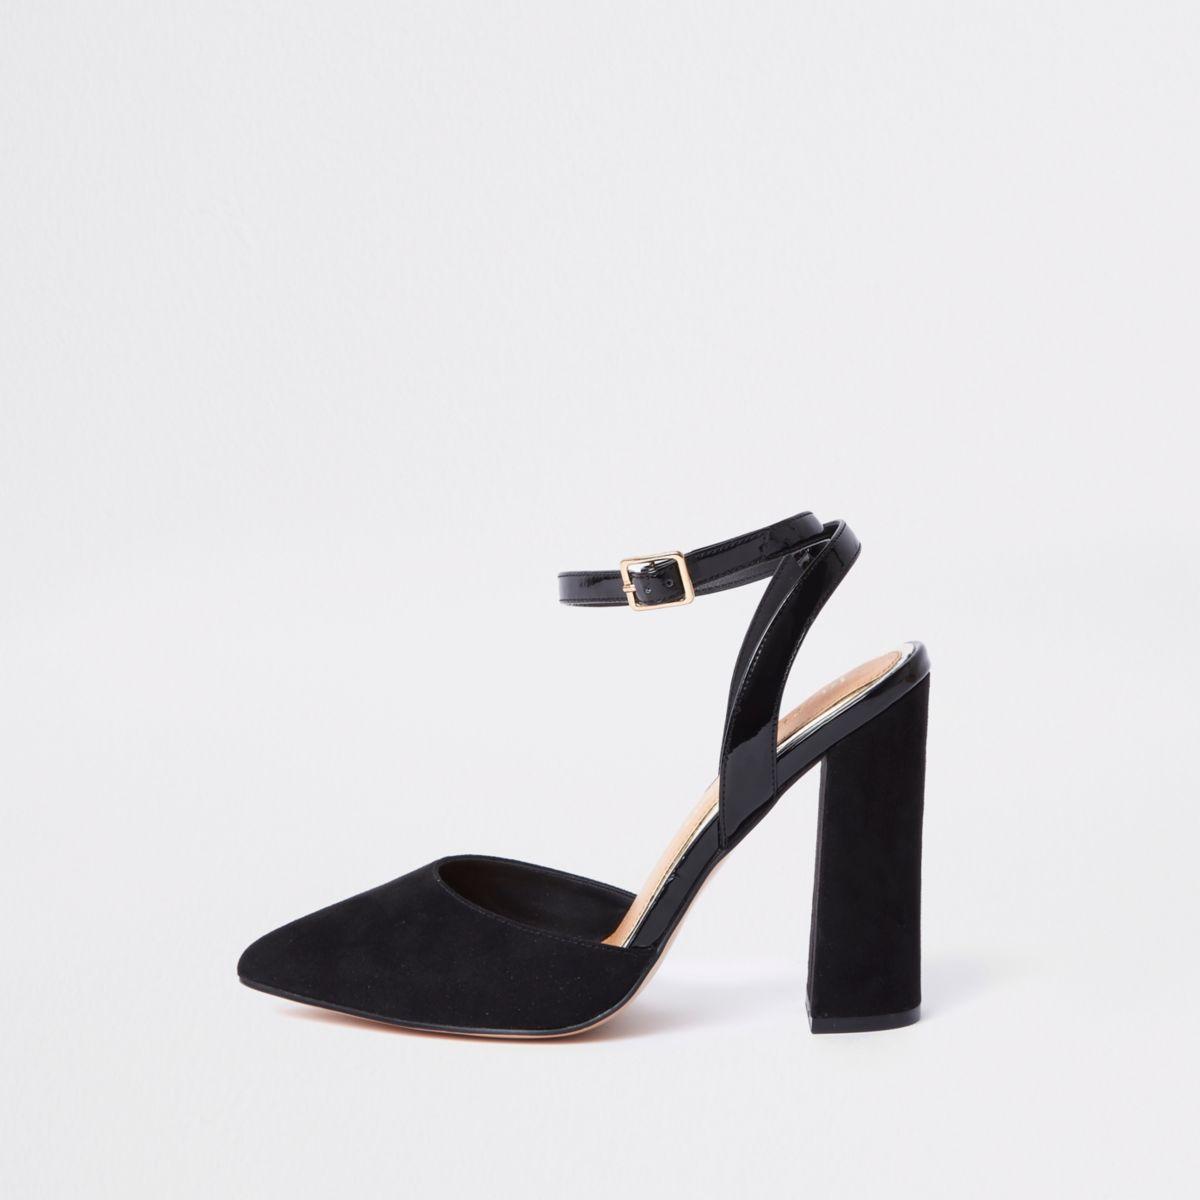 Black wide fit block heel courts